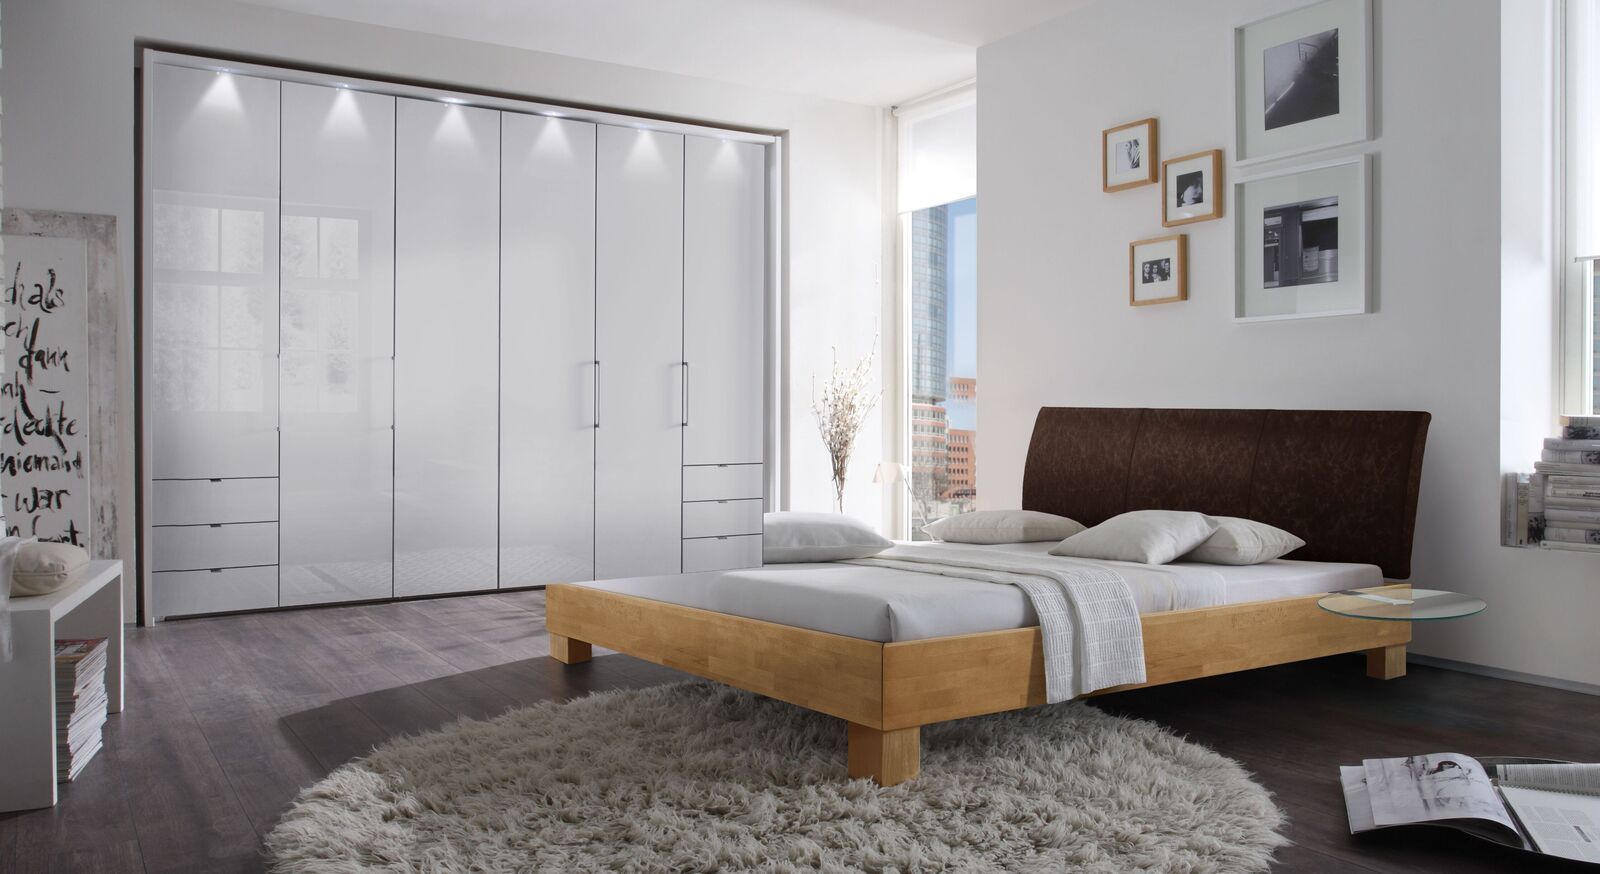 Bett Marisa mit passenden Schlafzimmermöbeln